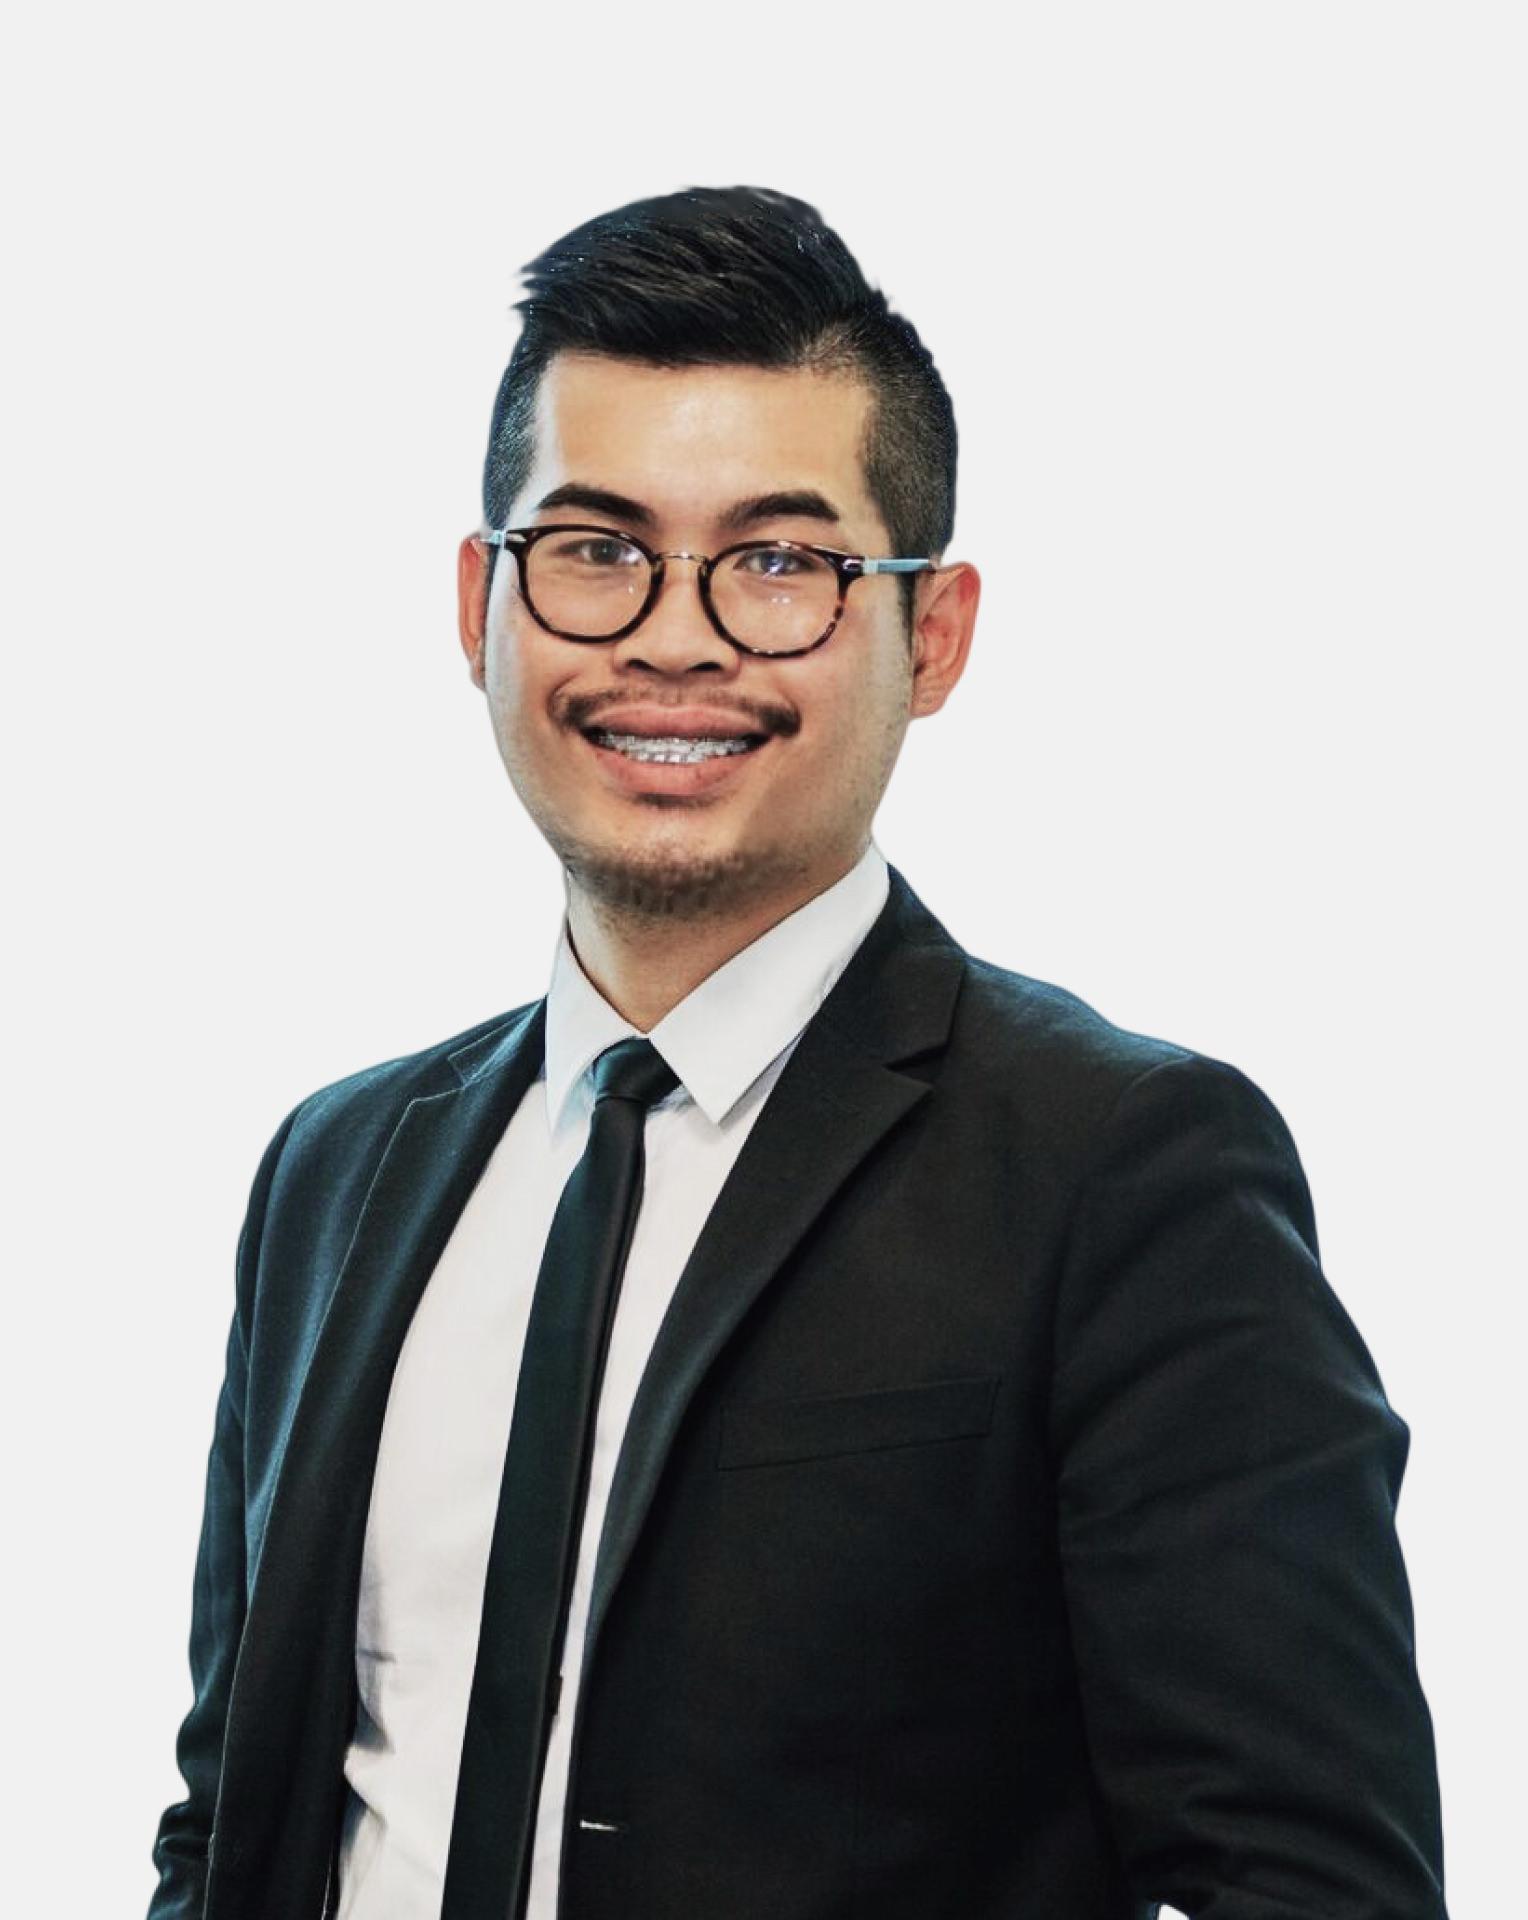 Jason Chai